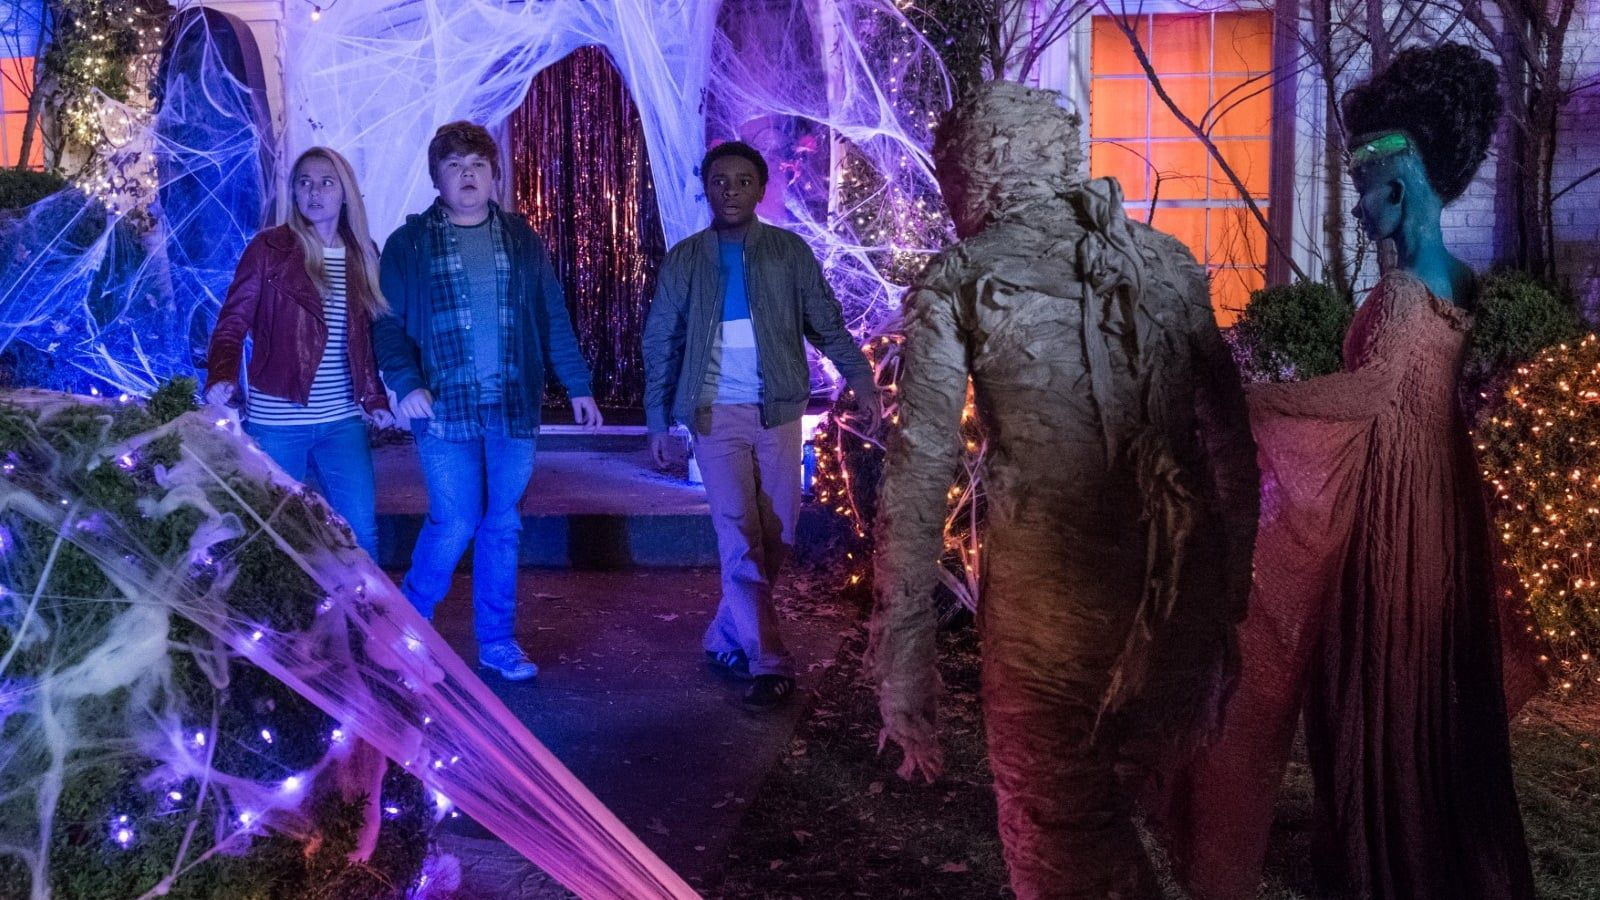 Watch Libabor 2 Hullajo Halloween 2018 Putlocker Film Complet Streaming A Horrorregenyironak Van Egy Nagy Halloween Soundtrack Goosebumps 2 Halloween Haunt